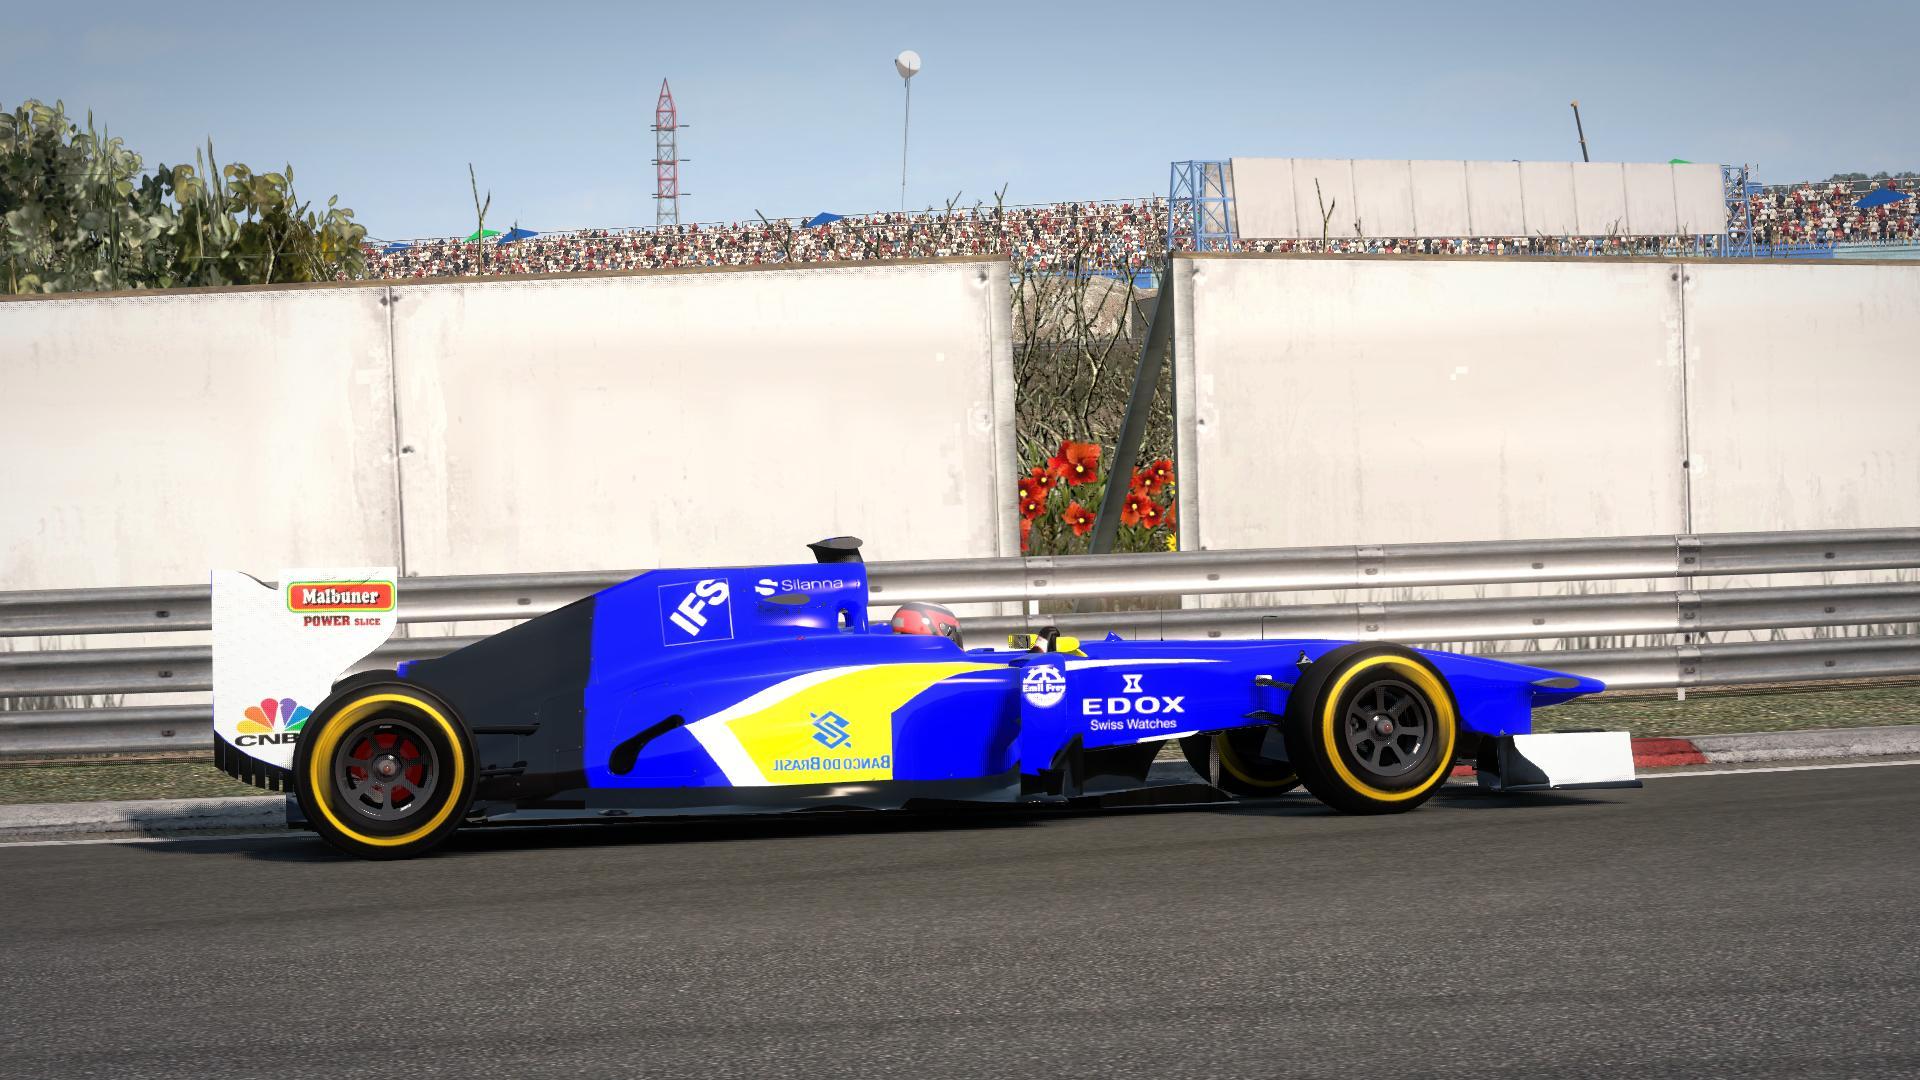 F1_2013 2016-04-03 11-59-57-20.jpg